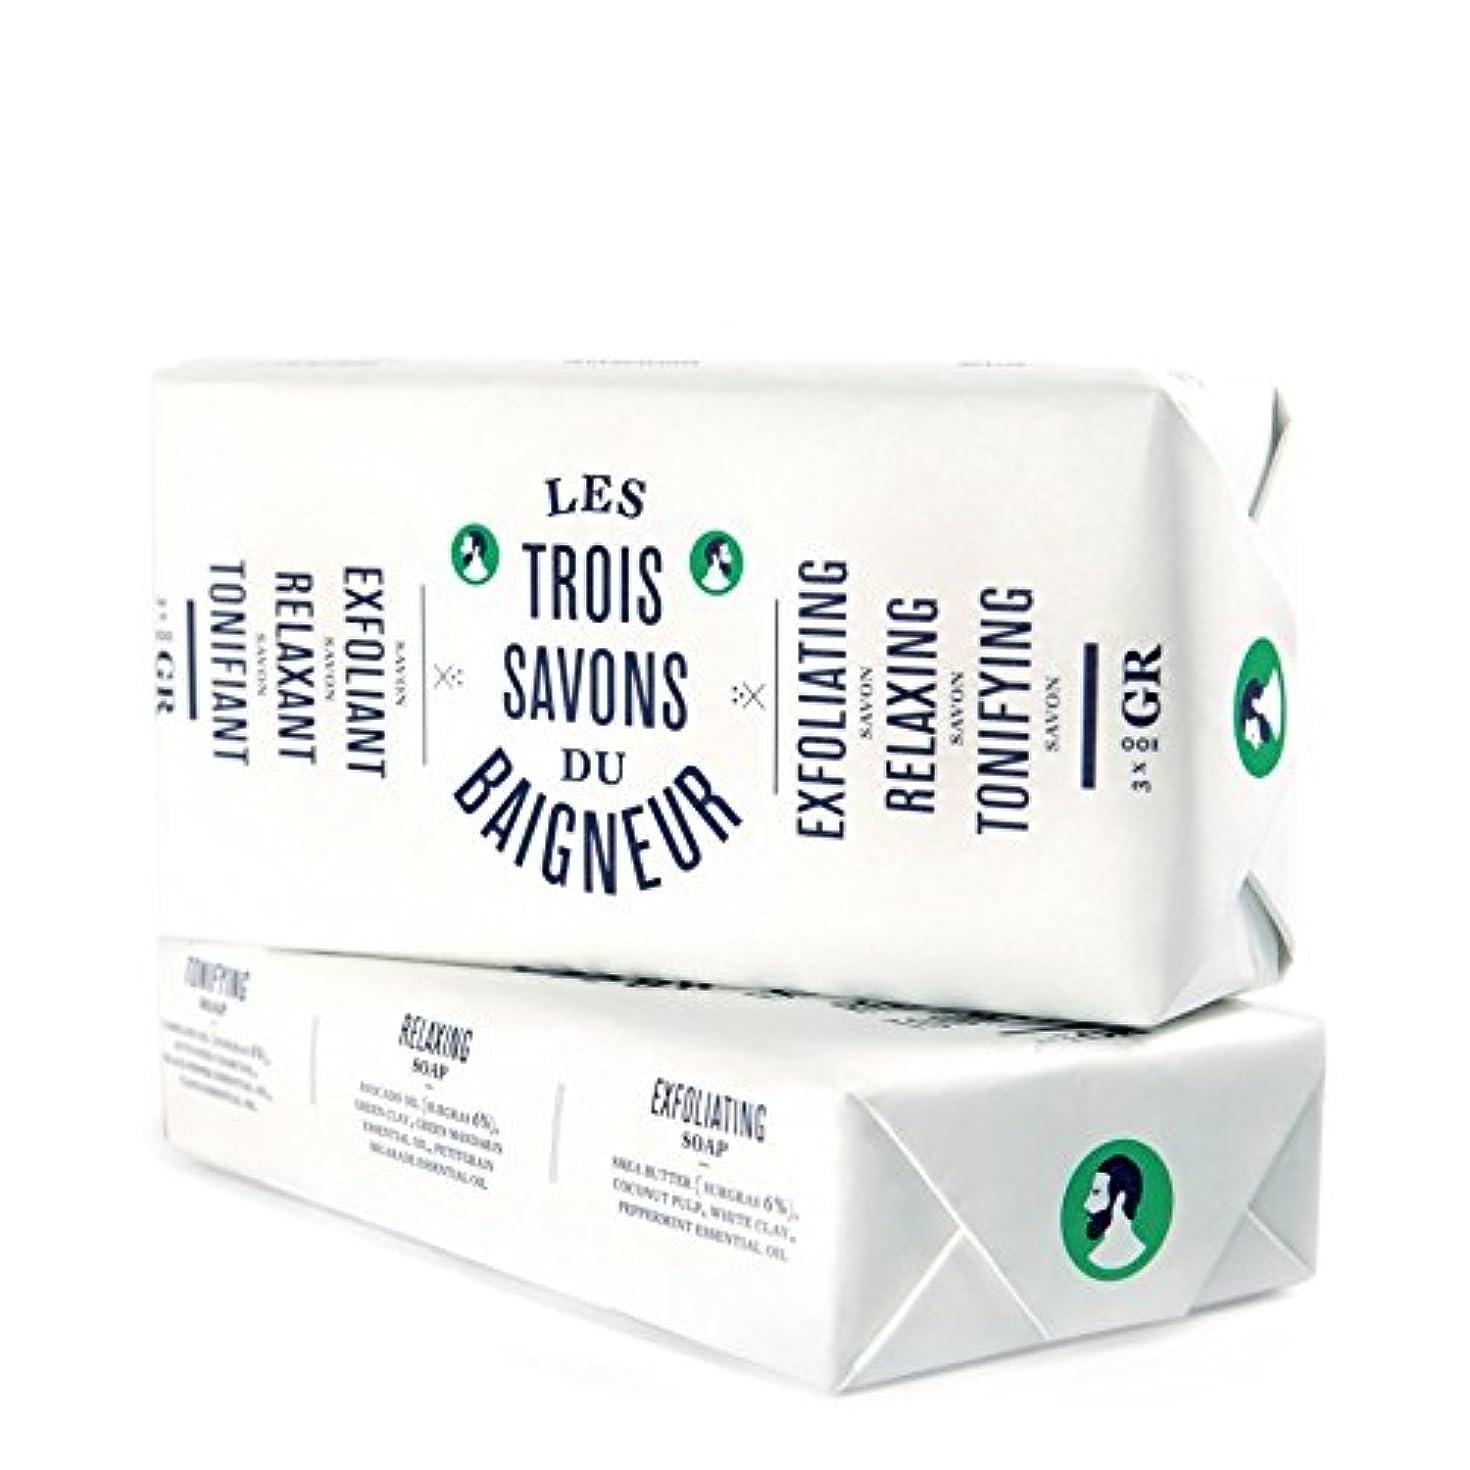 ピンク人気の上に築きますル石鹸セット300グラム x2 - Le Baigneur Soap Set 300g (Pack of 2) [並行輸入品]